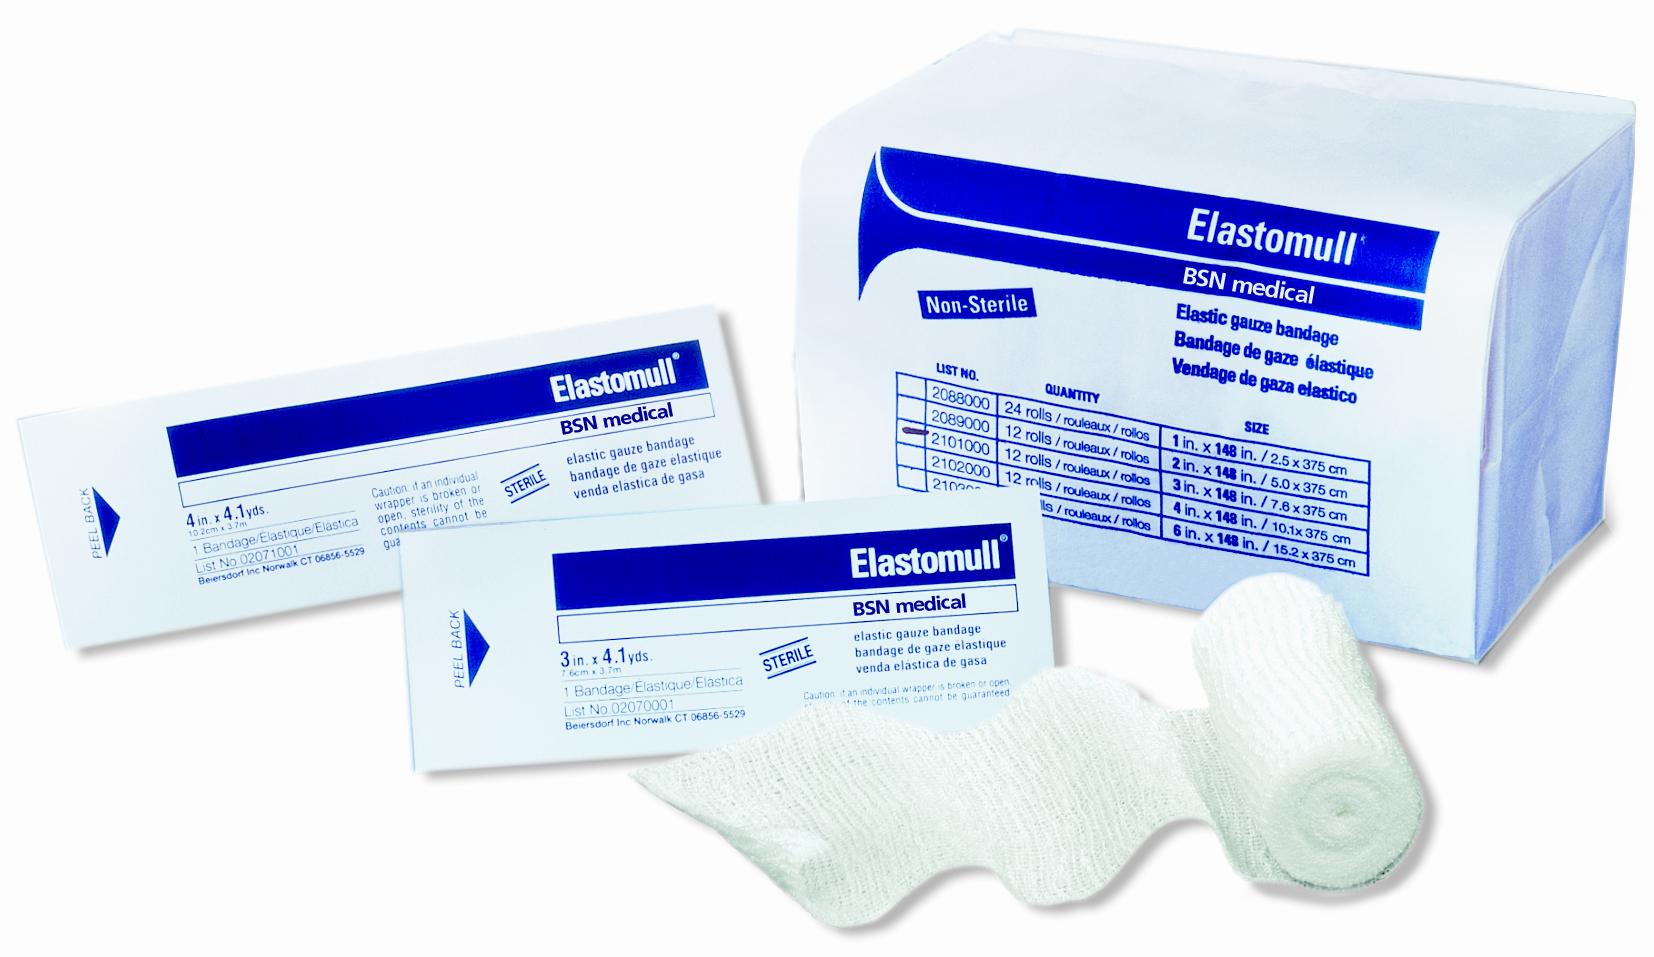 Elastomull® Elastic Gauze Bandage Non-Sterile 1INx4.1YD